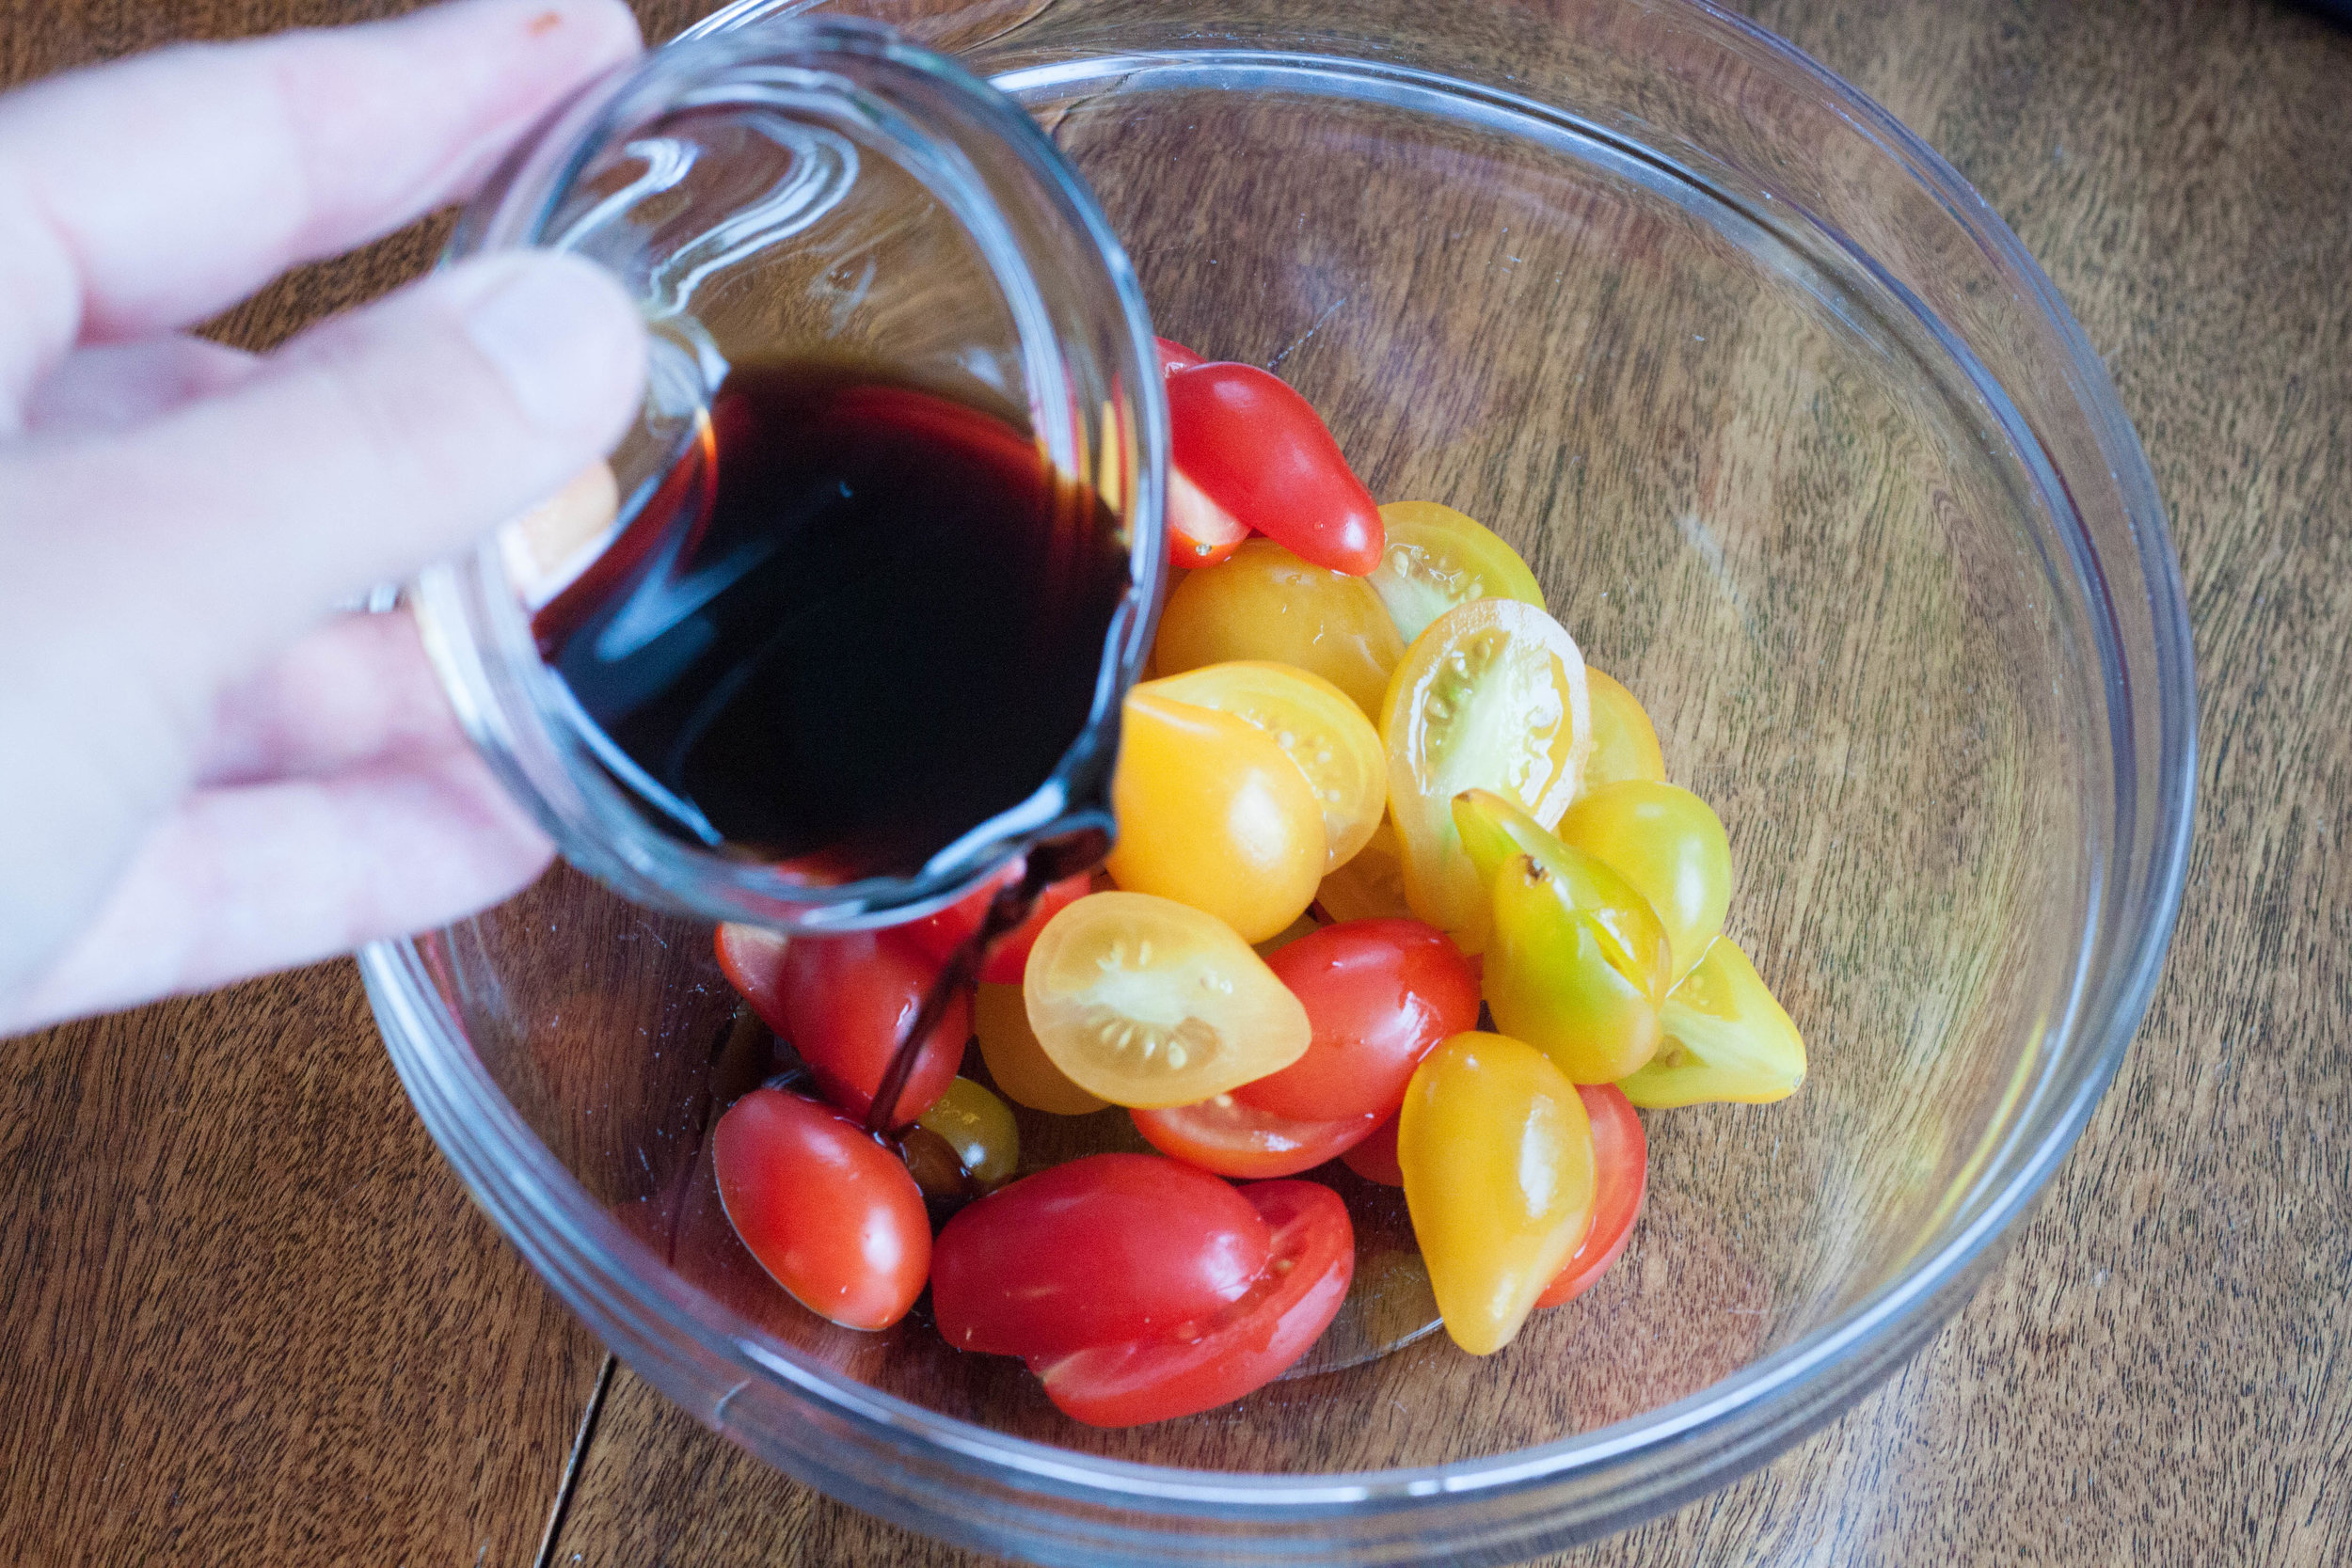 adding-balsamic-vinegar-to-cherry-tomatoes.jpg